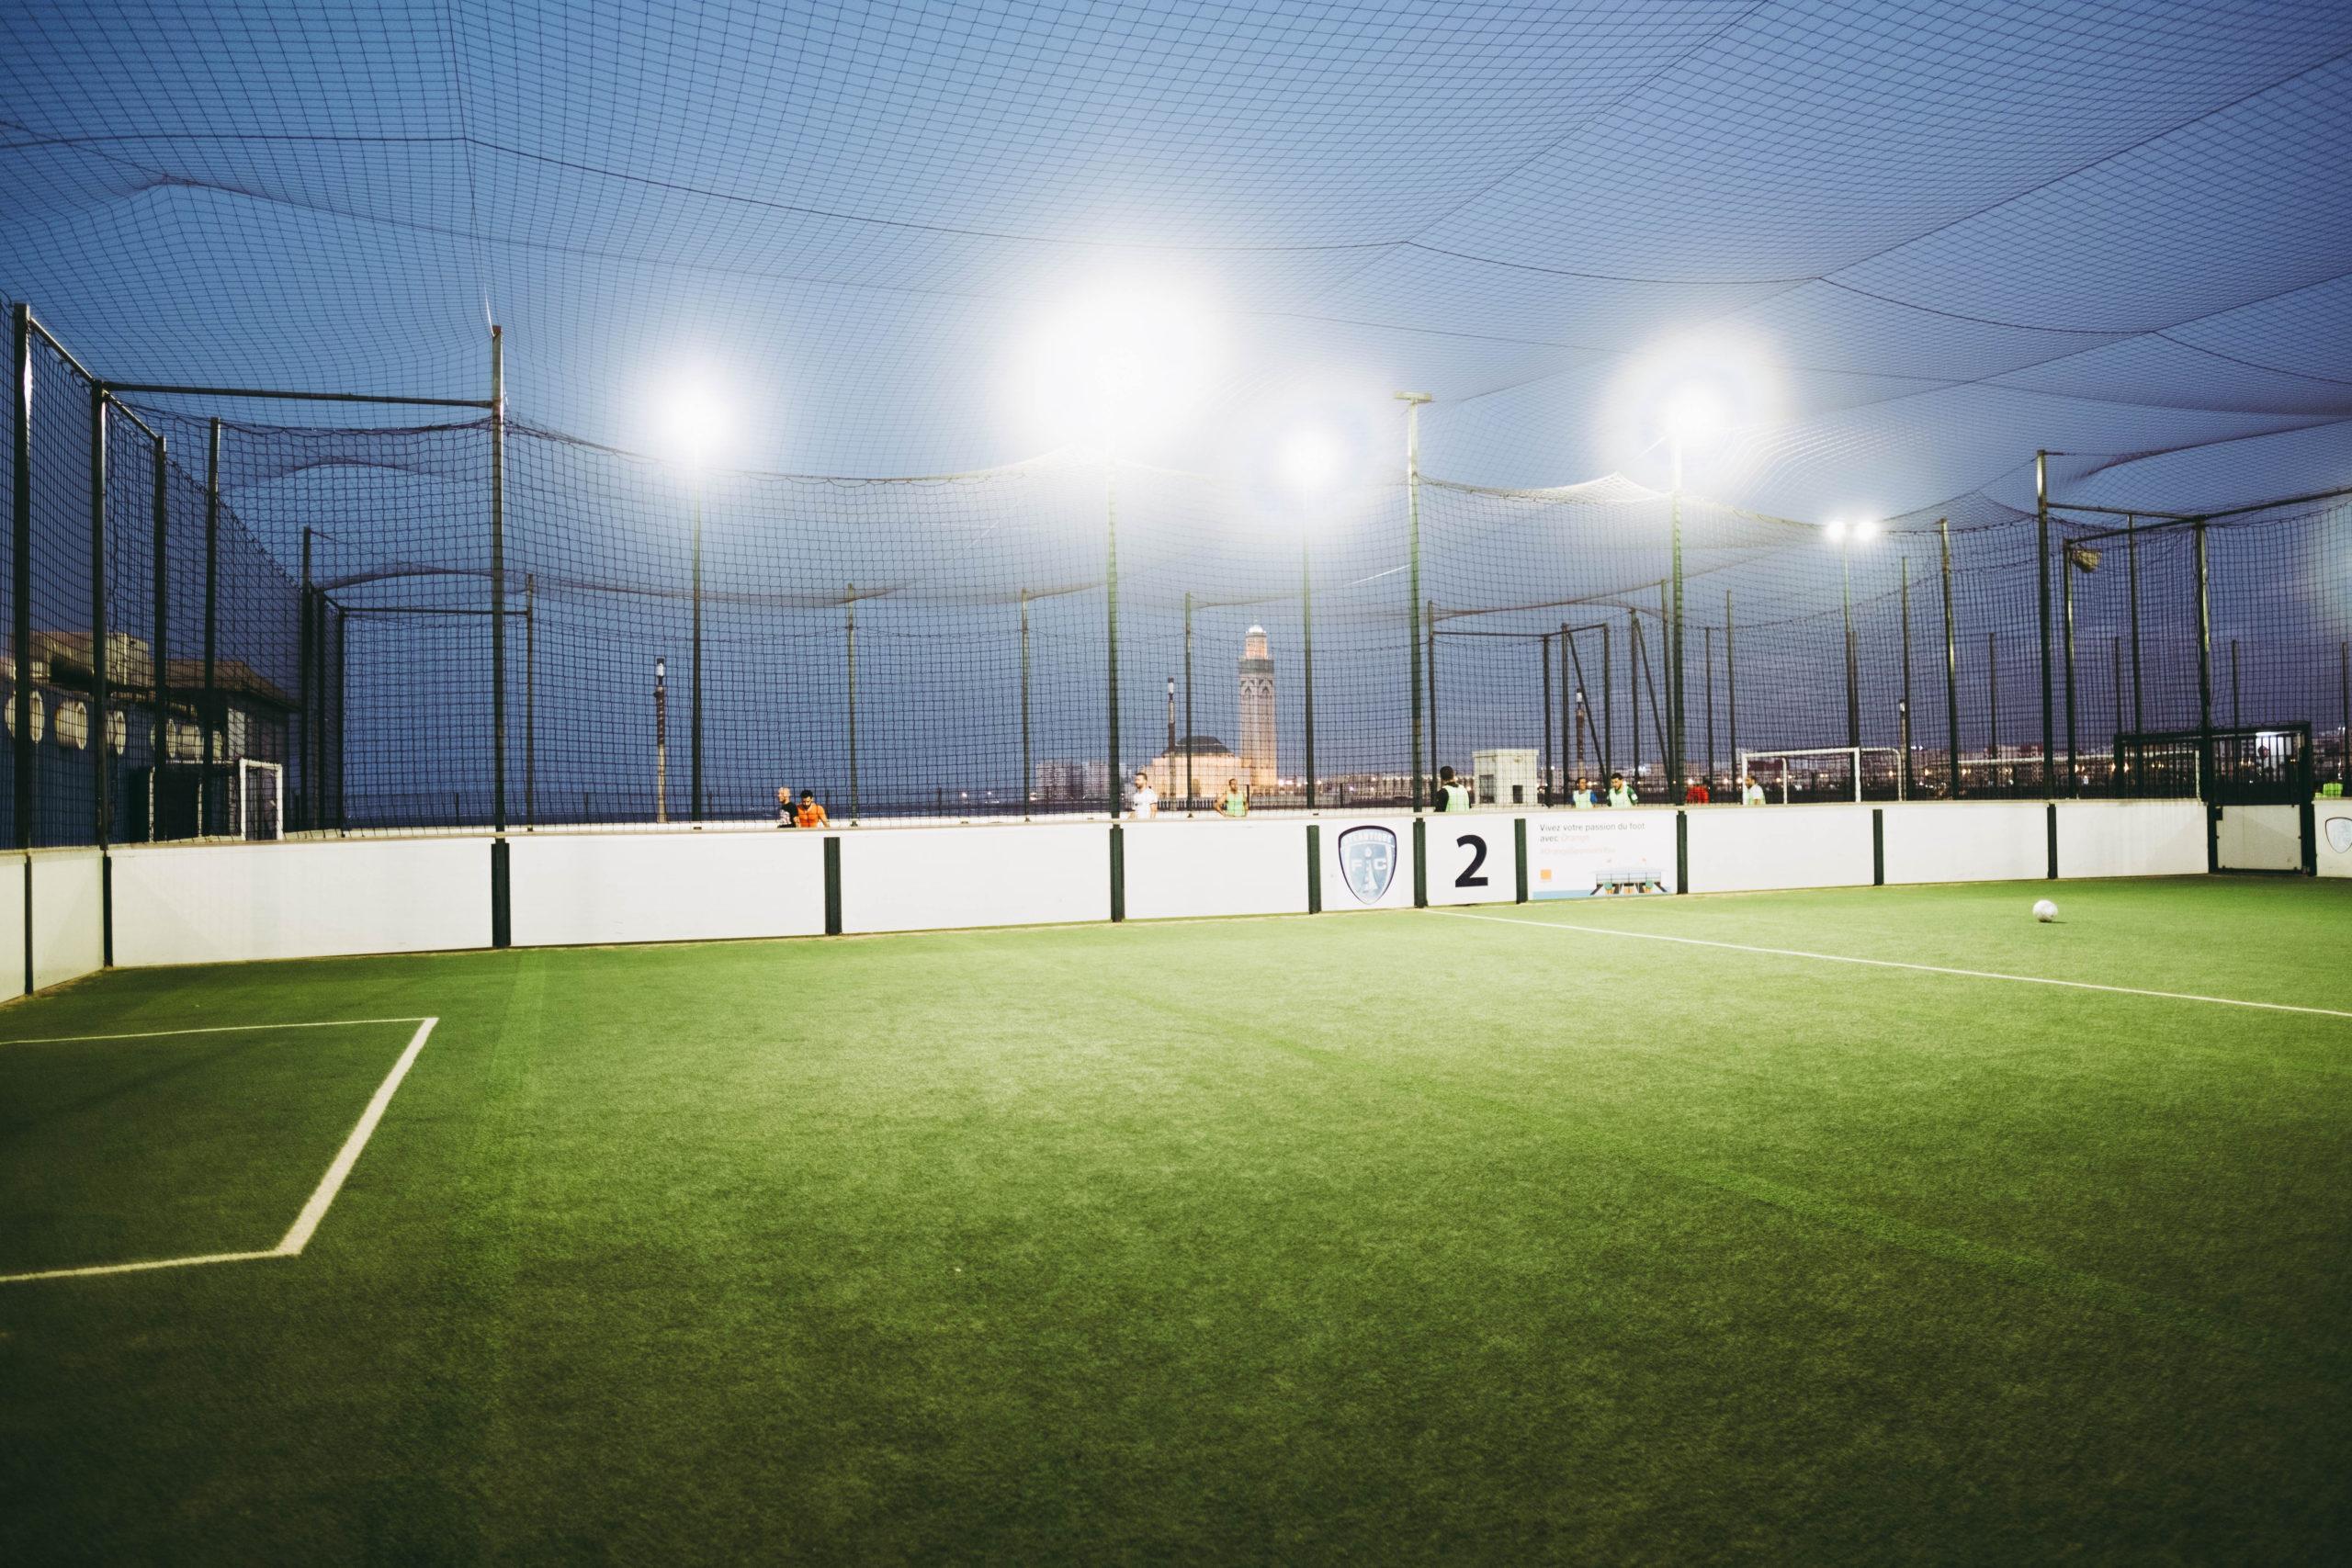 Wat kost sportveldverlichting? Onze speciale pakketten maken goede energiezuinige verlichting voor elke club haalbaar.